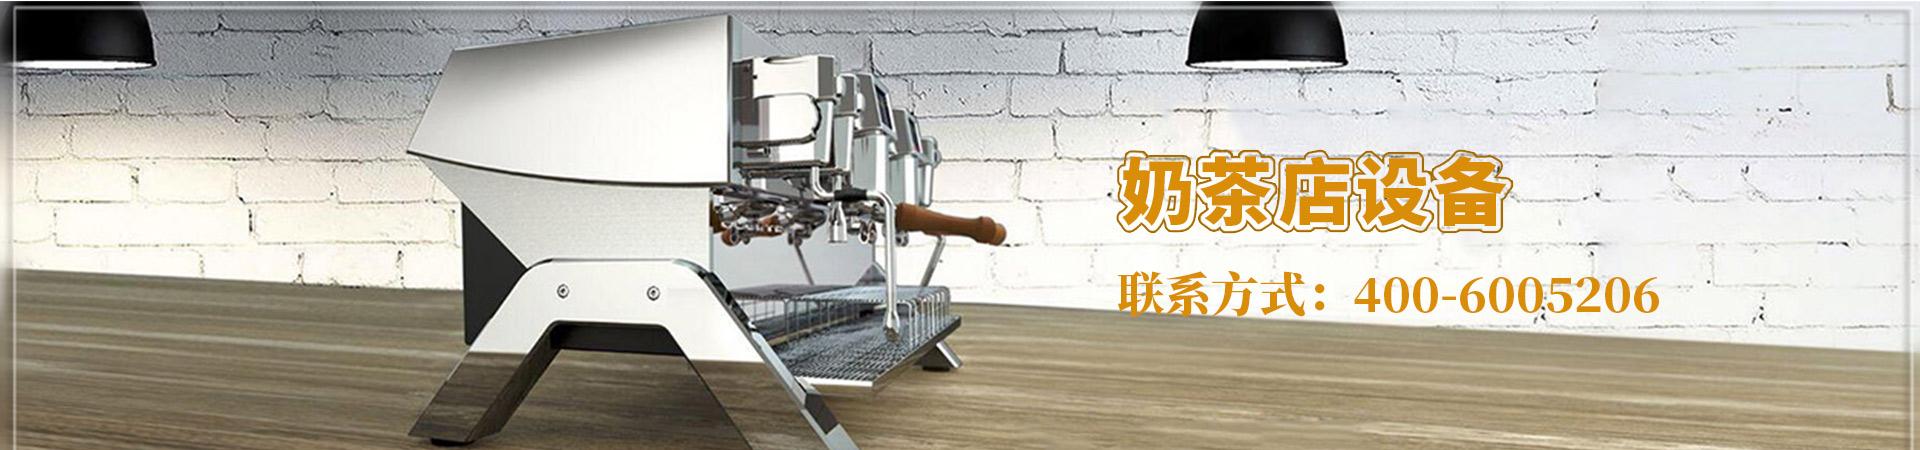 芝角奶茶饮品加盟